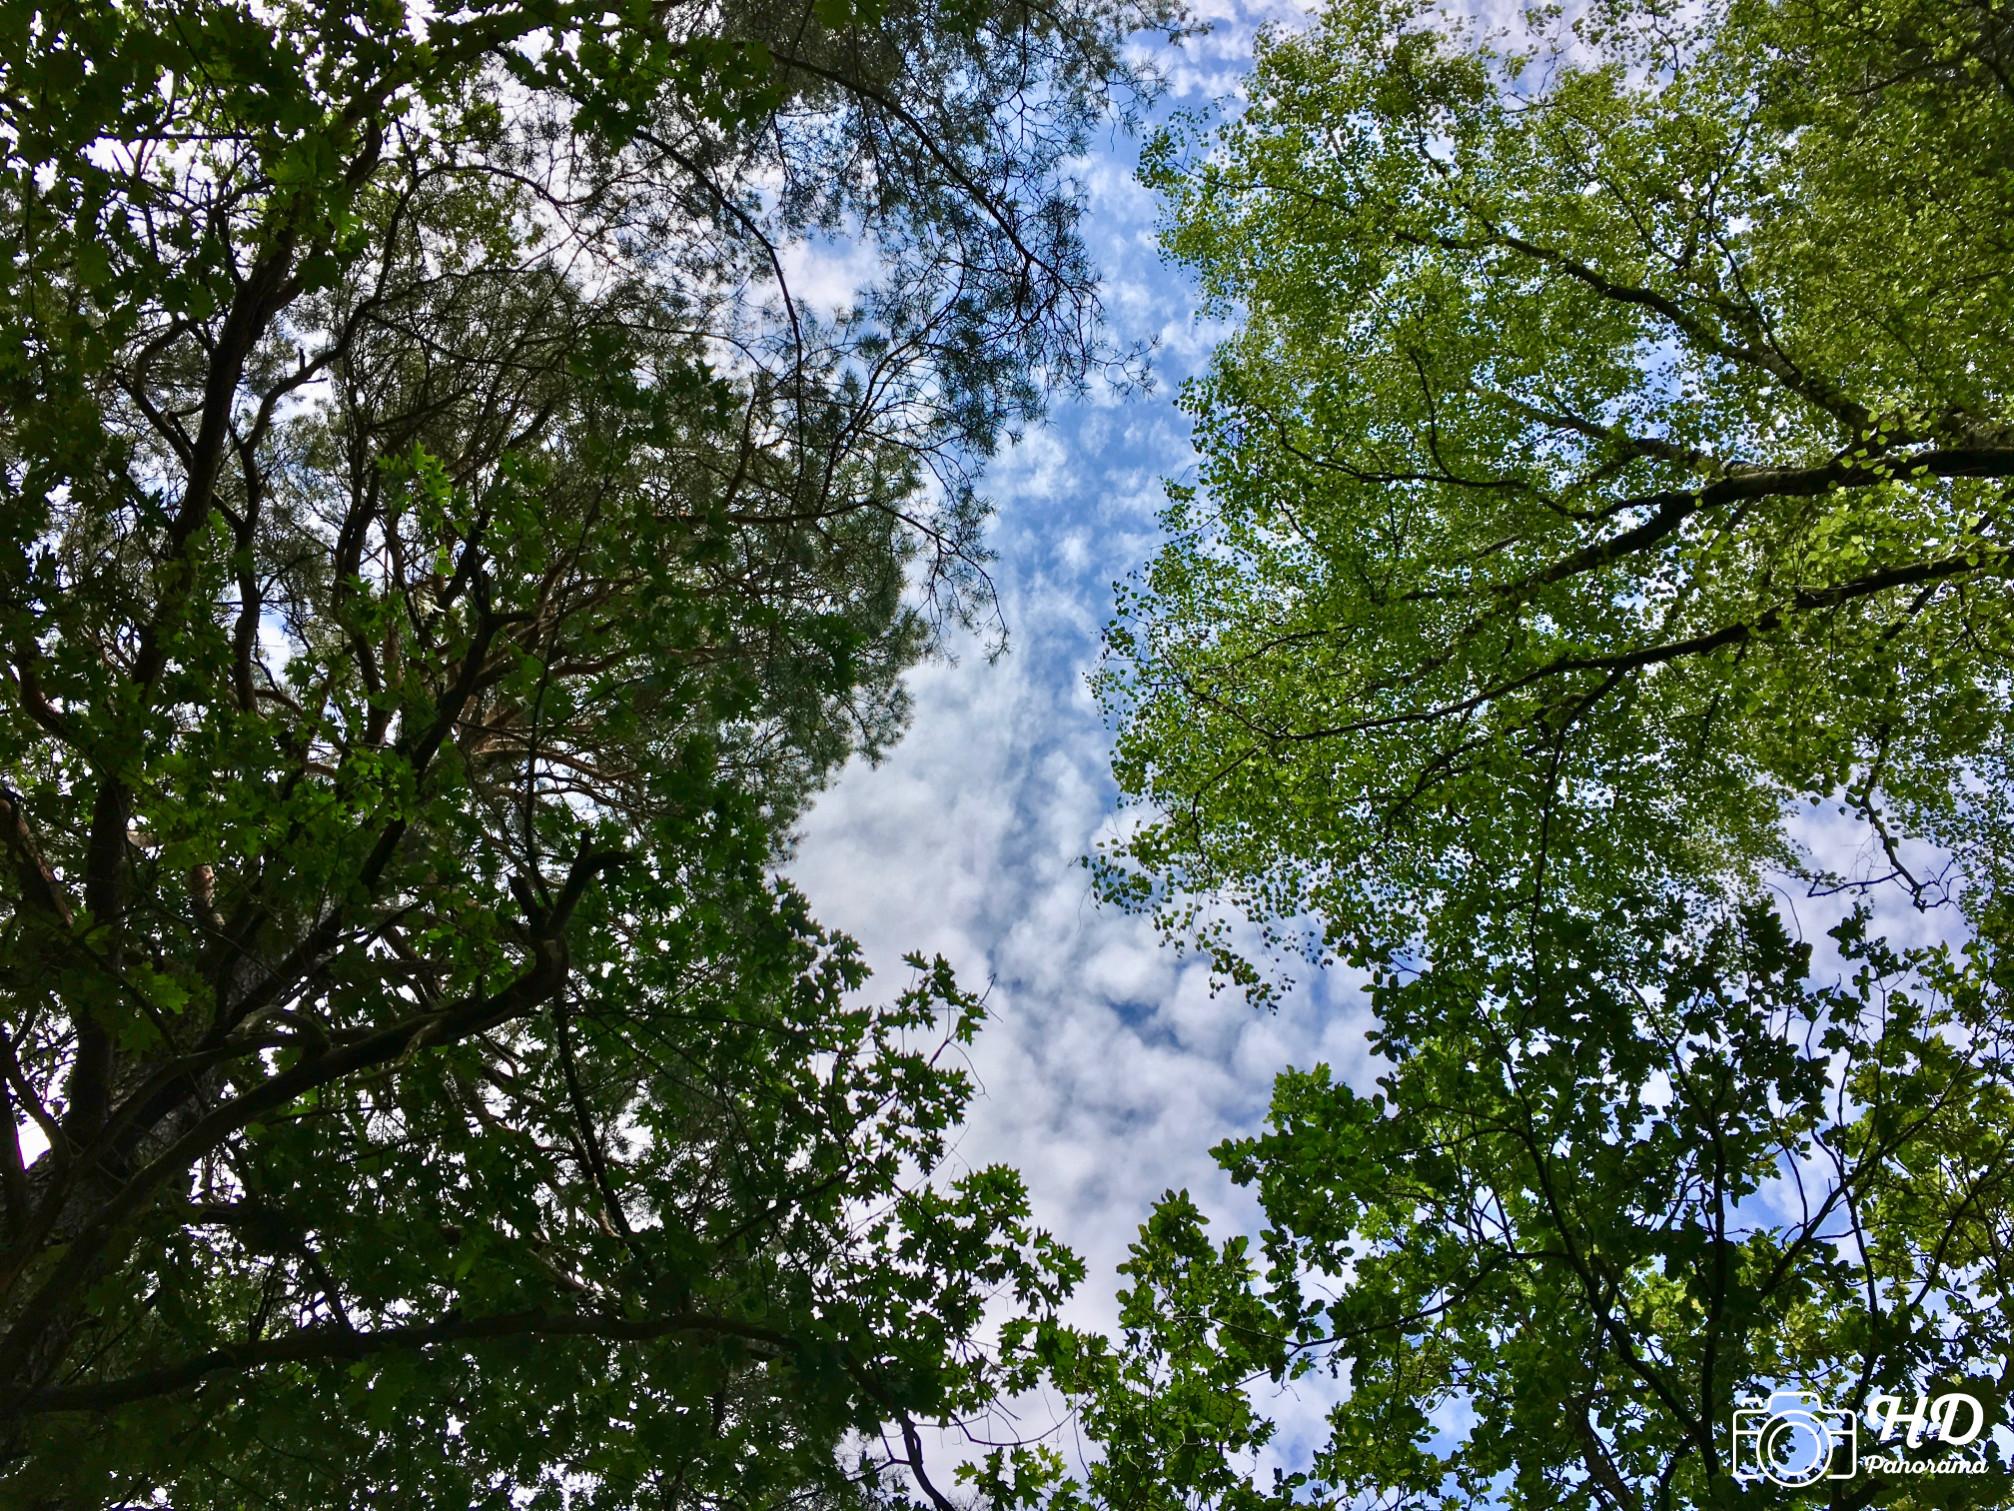 Barfußpark Beelitz - Schau doch mal nach oben am Baumkronenspiegel, Foto © René Blanke